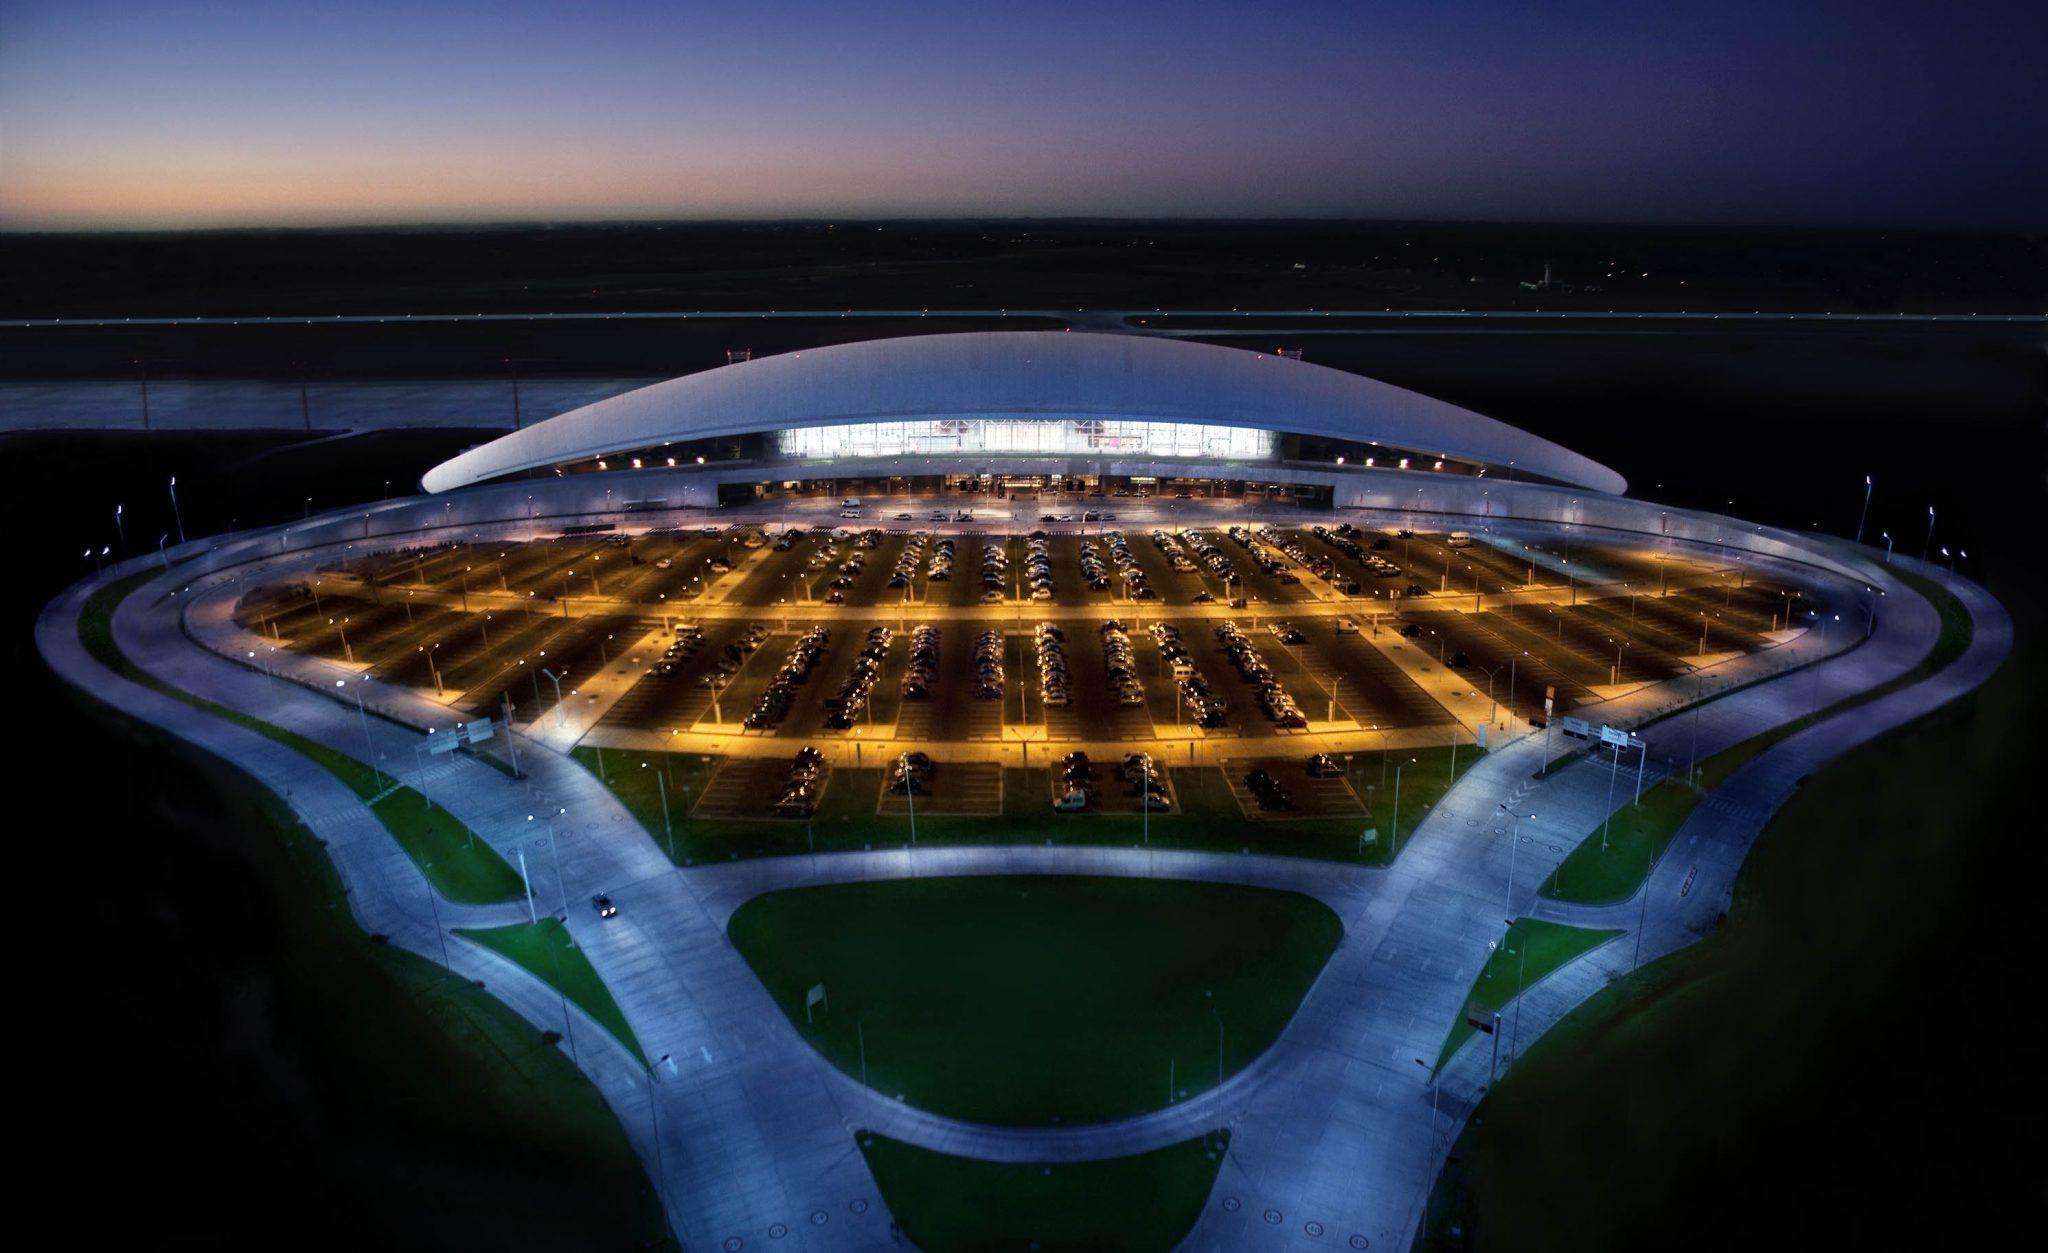 Uruguay: Aeropuerto de Carrasco premiado en Lationamérica por Millenials en el Trazee Travel 2019